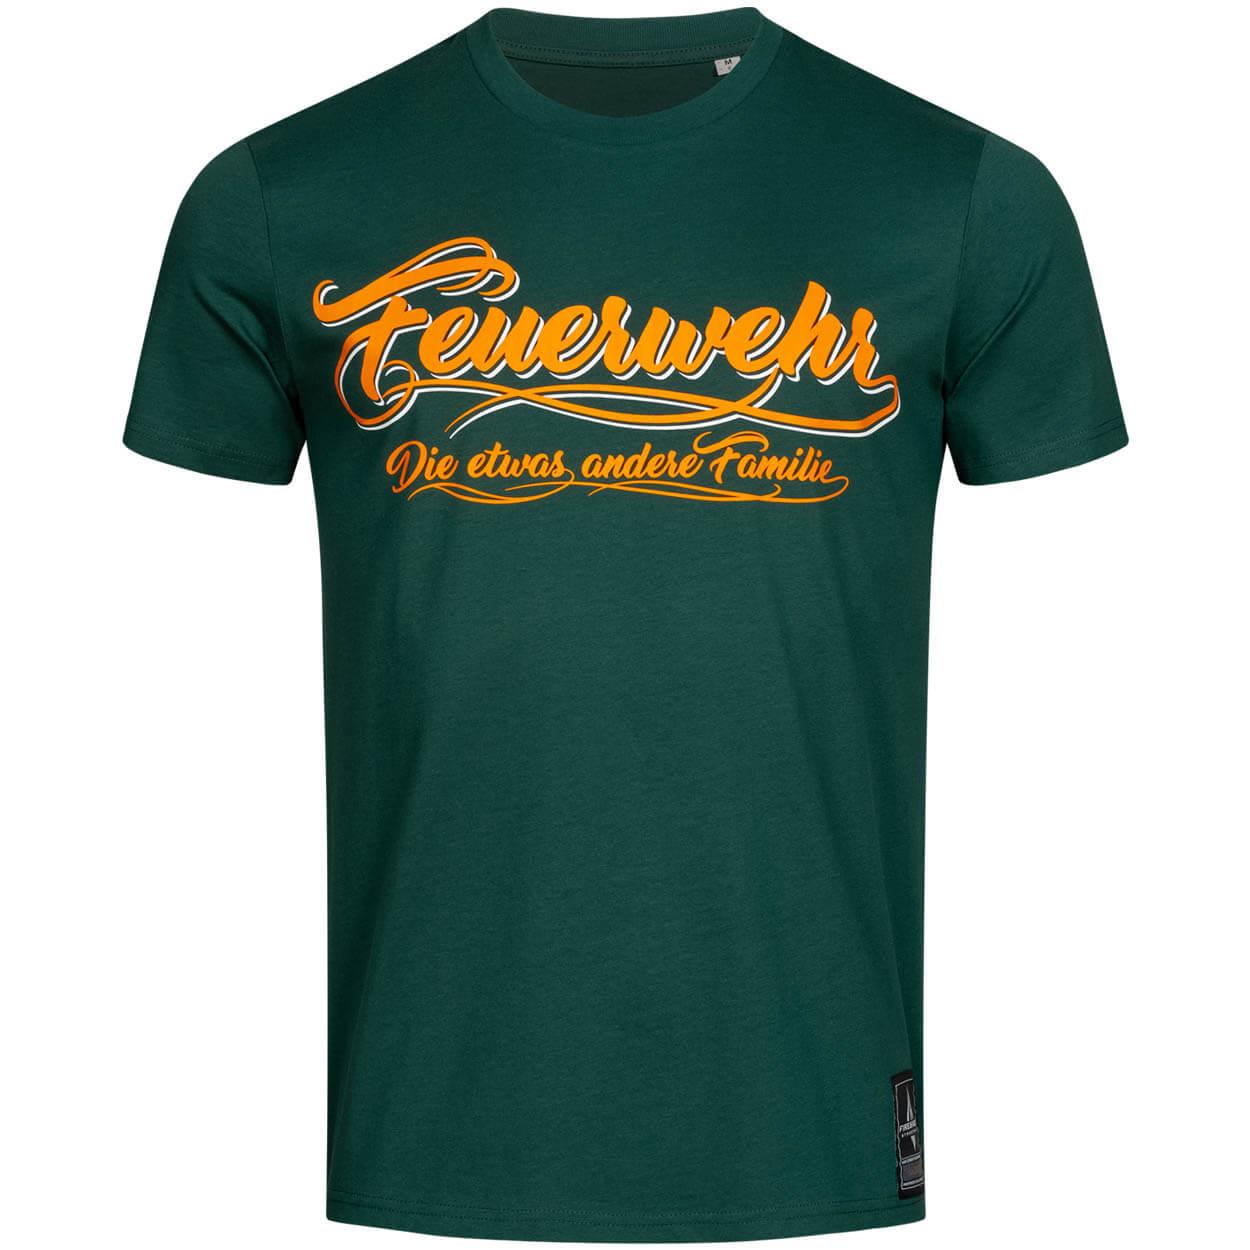 Feuerwehr, die etwas andere Familie - Männer T-Shirt grün